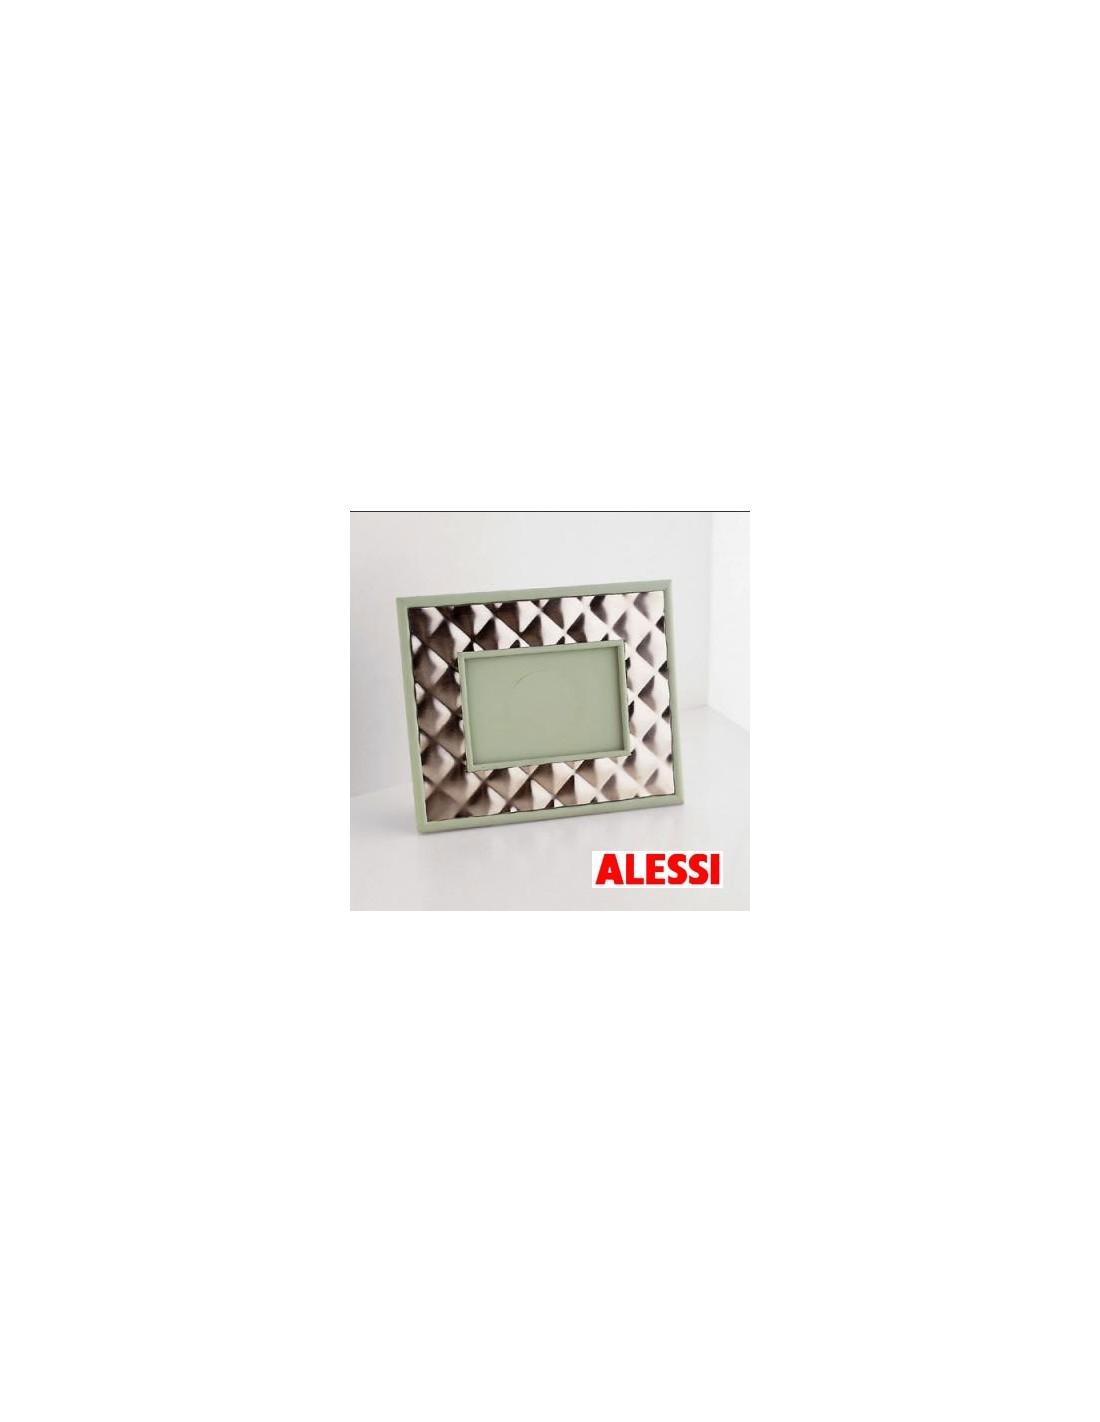 Portafoto alessi casa bella dal cin shop online for Alessi outlet online